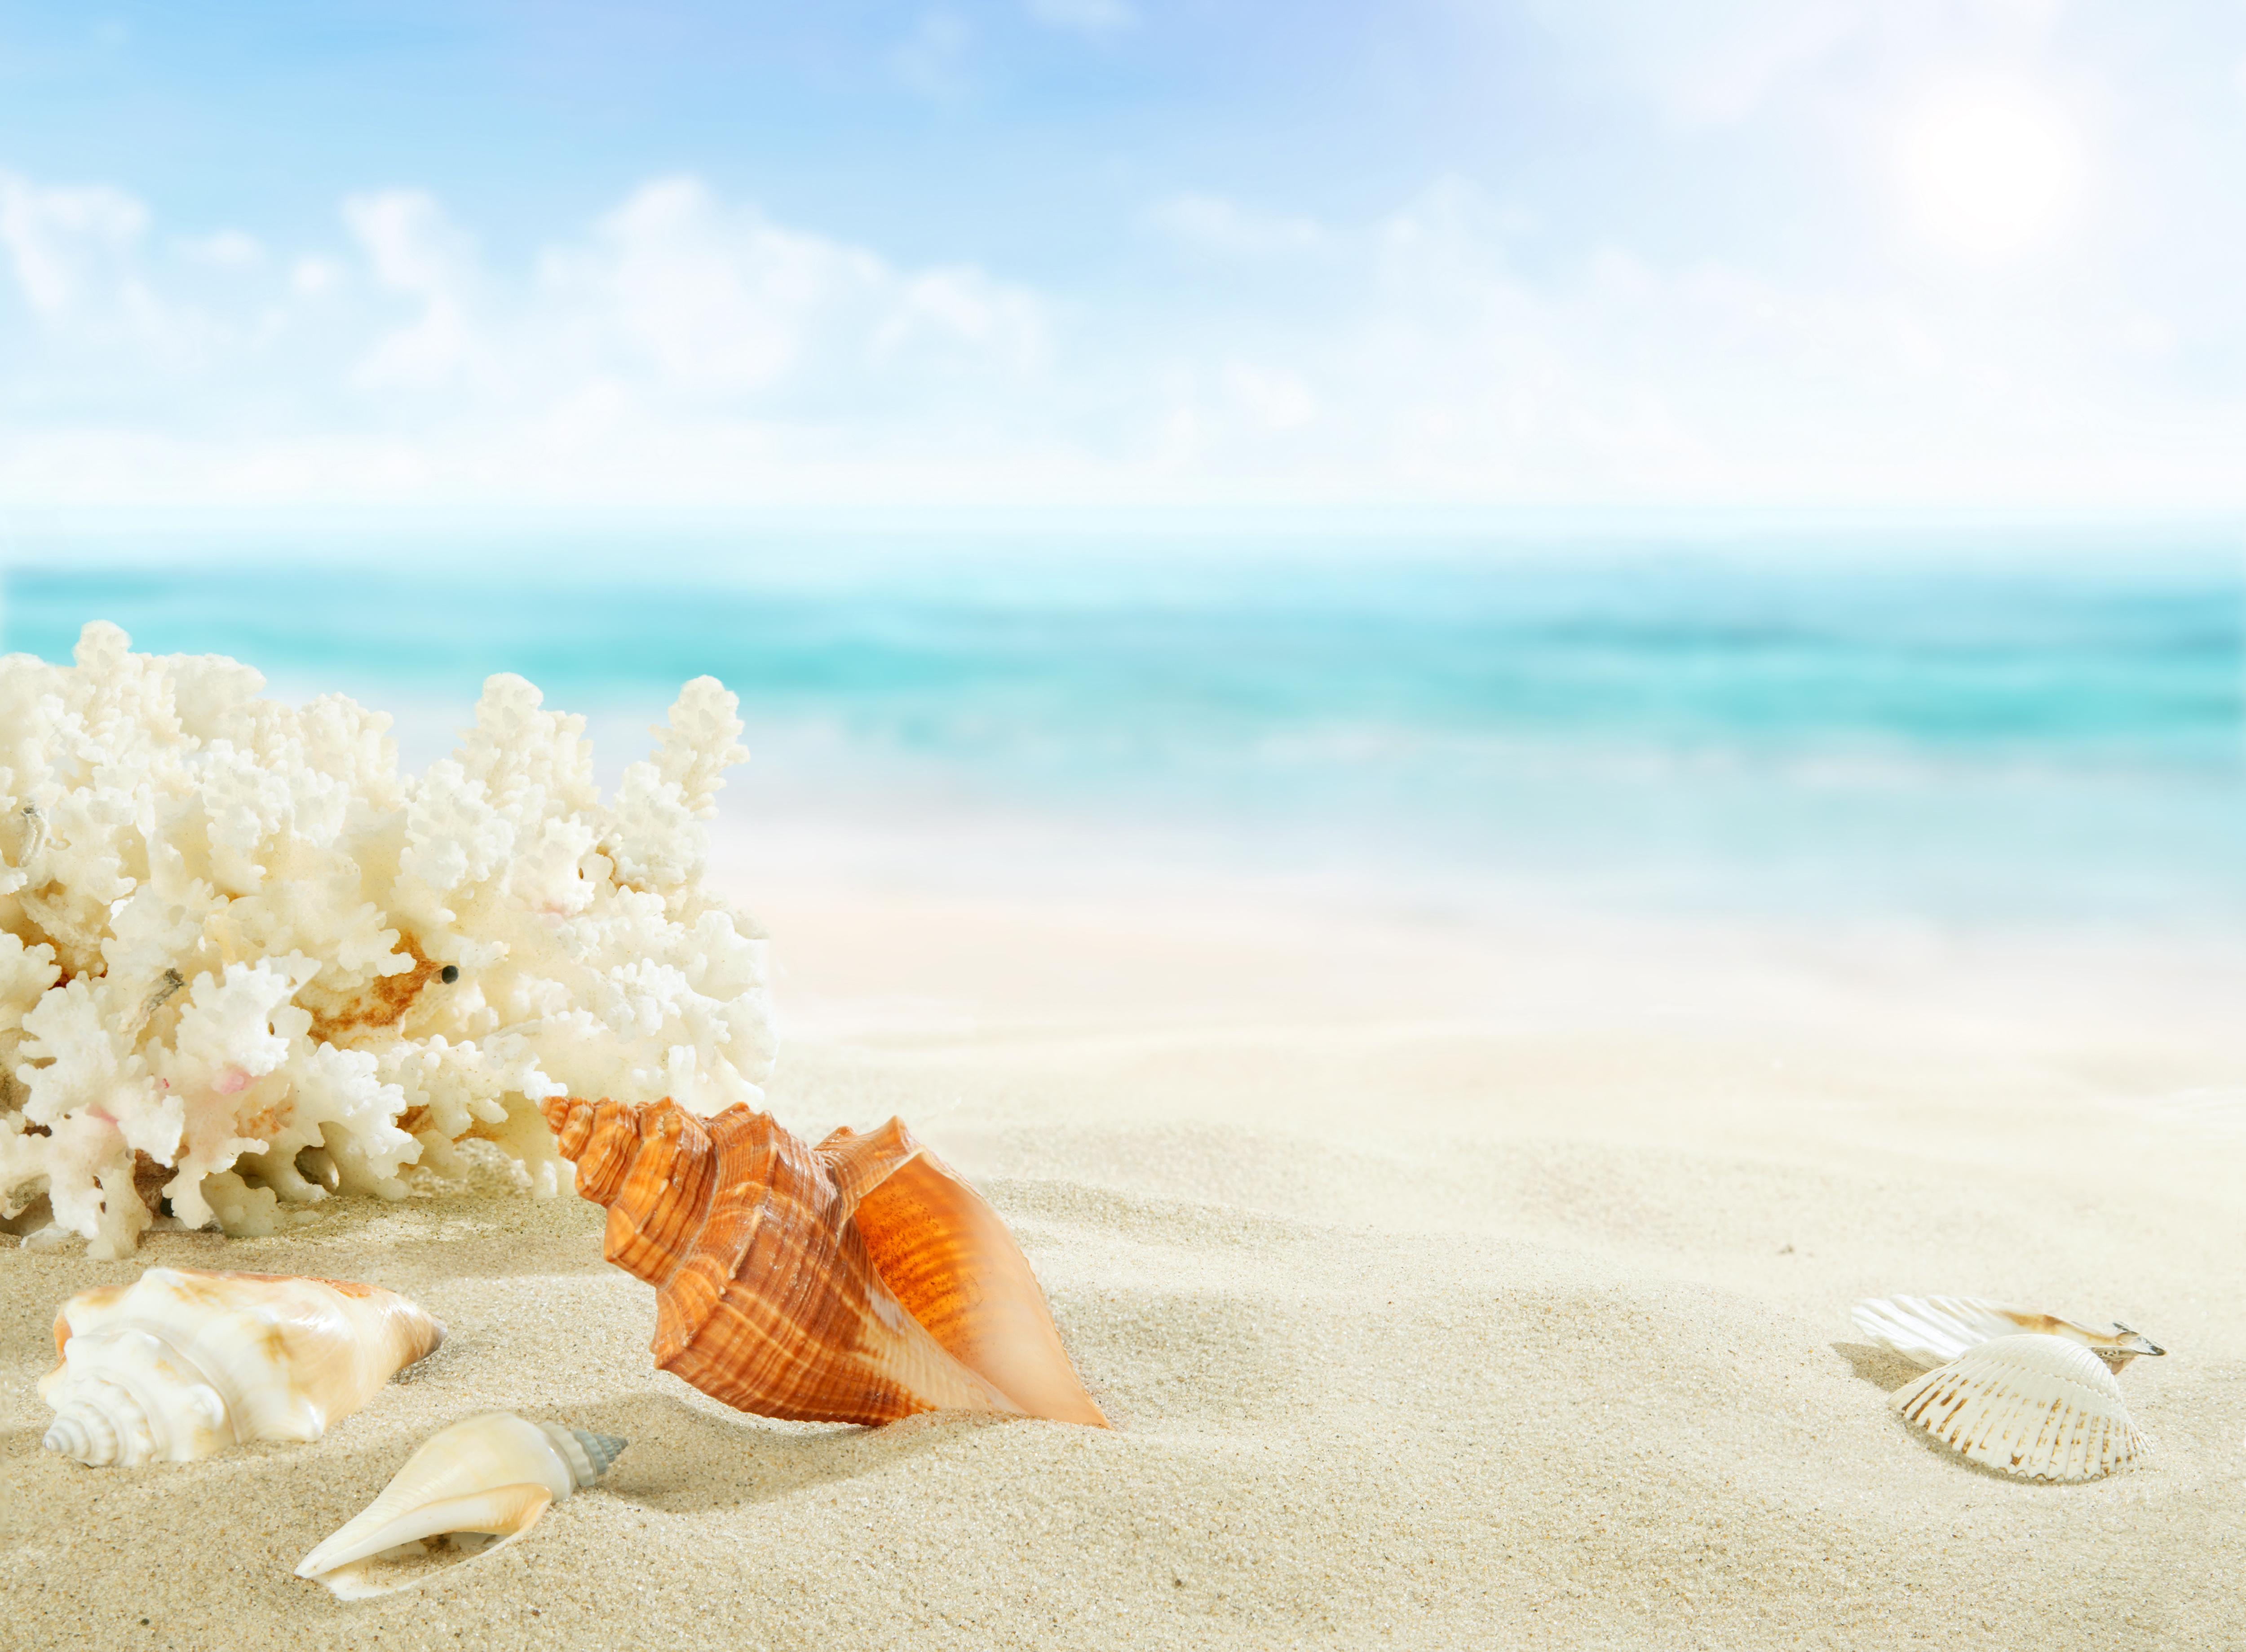 природа ракушка песок nature shell sand  № 1246859 загрузить